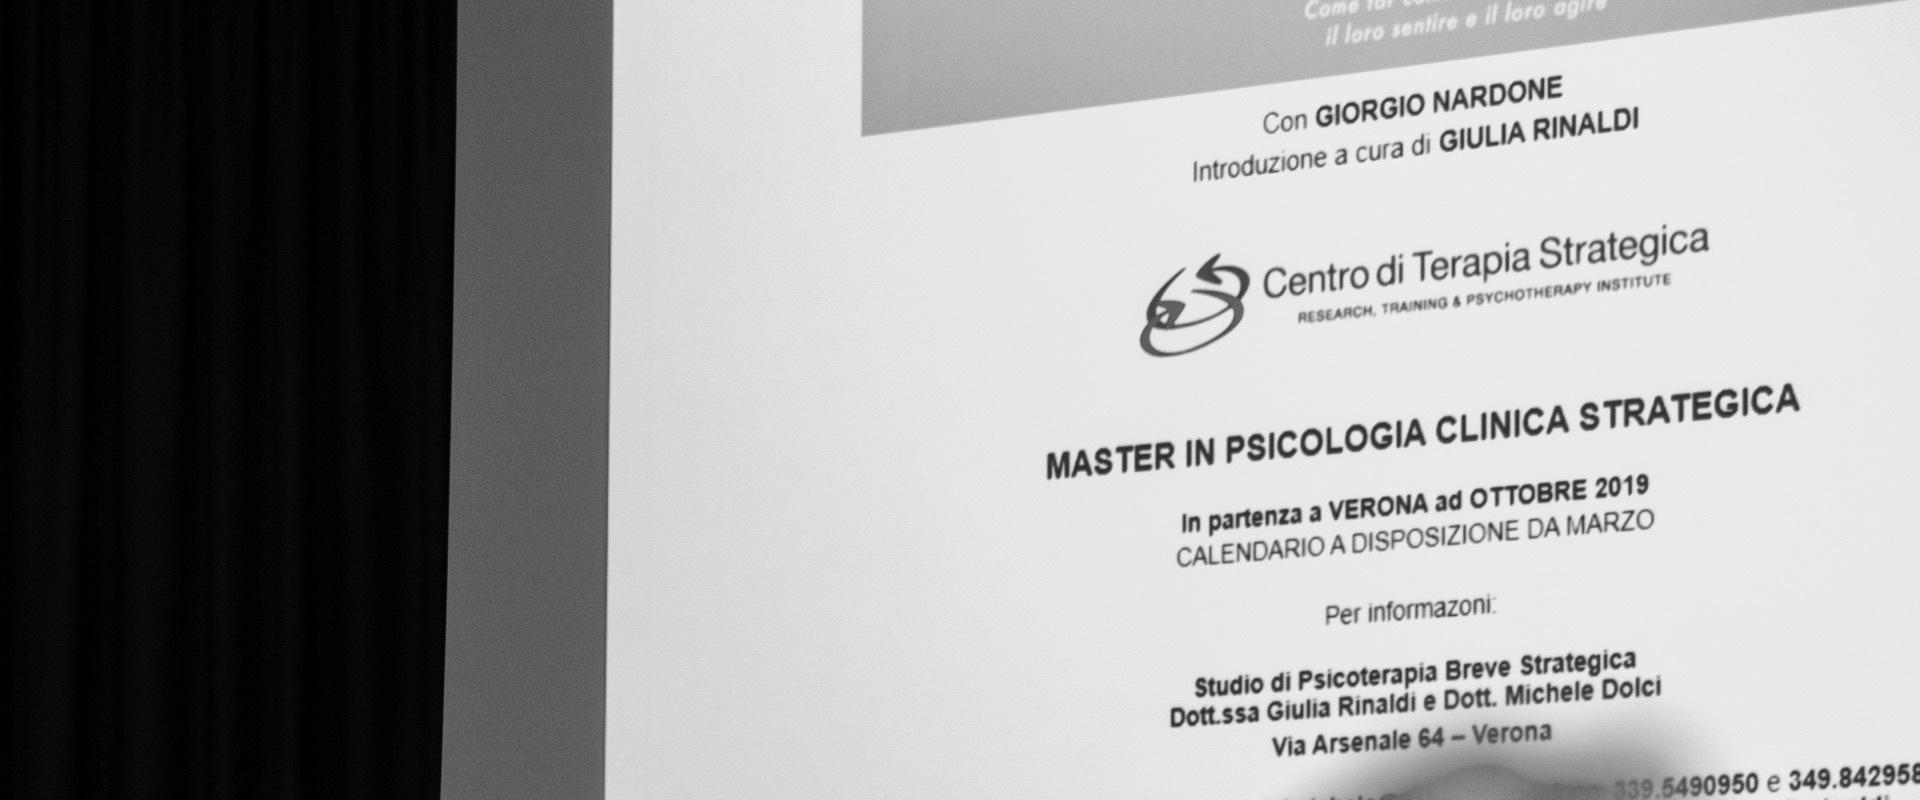 Il Cambiamento Strategico 16022018 Verona 8